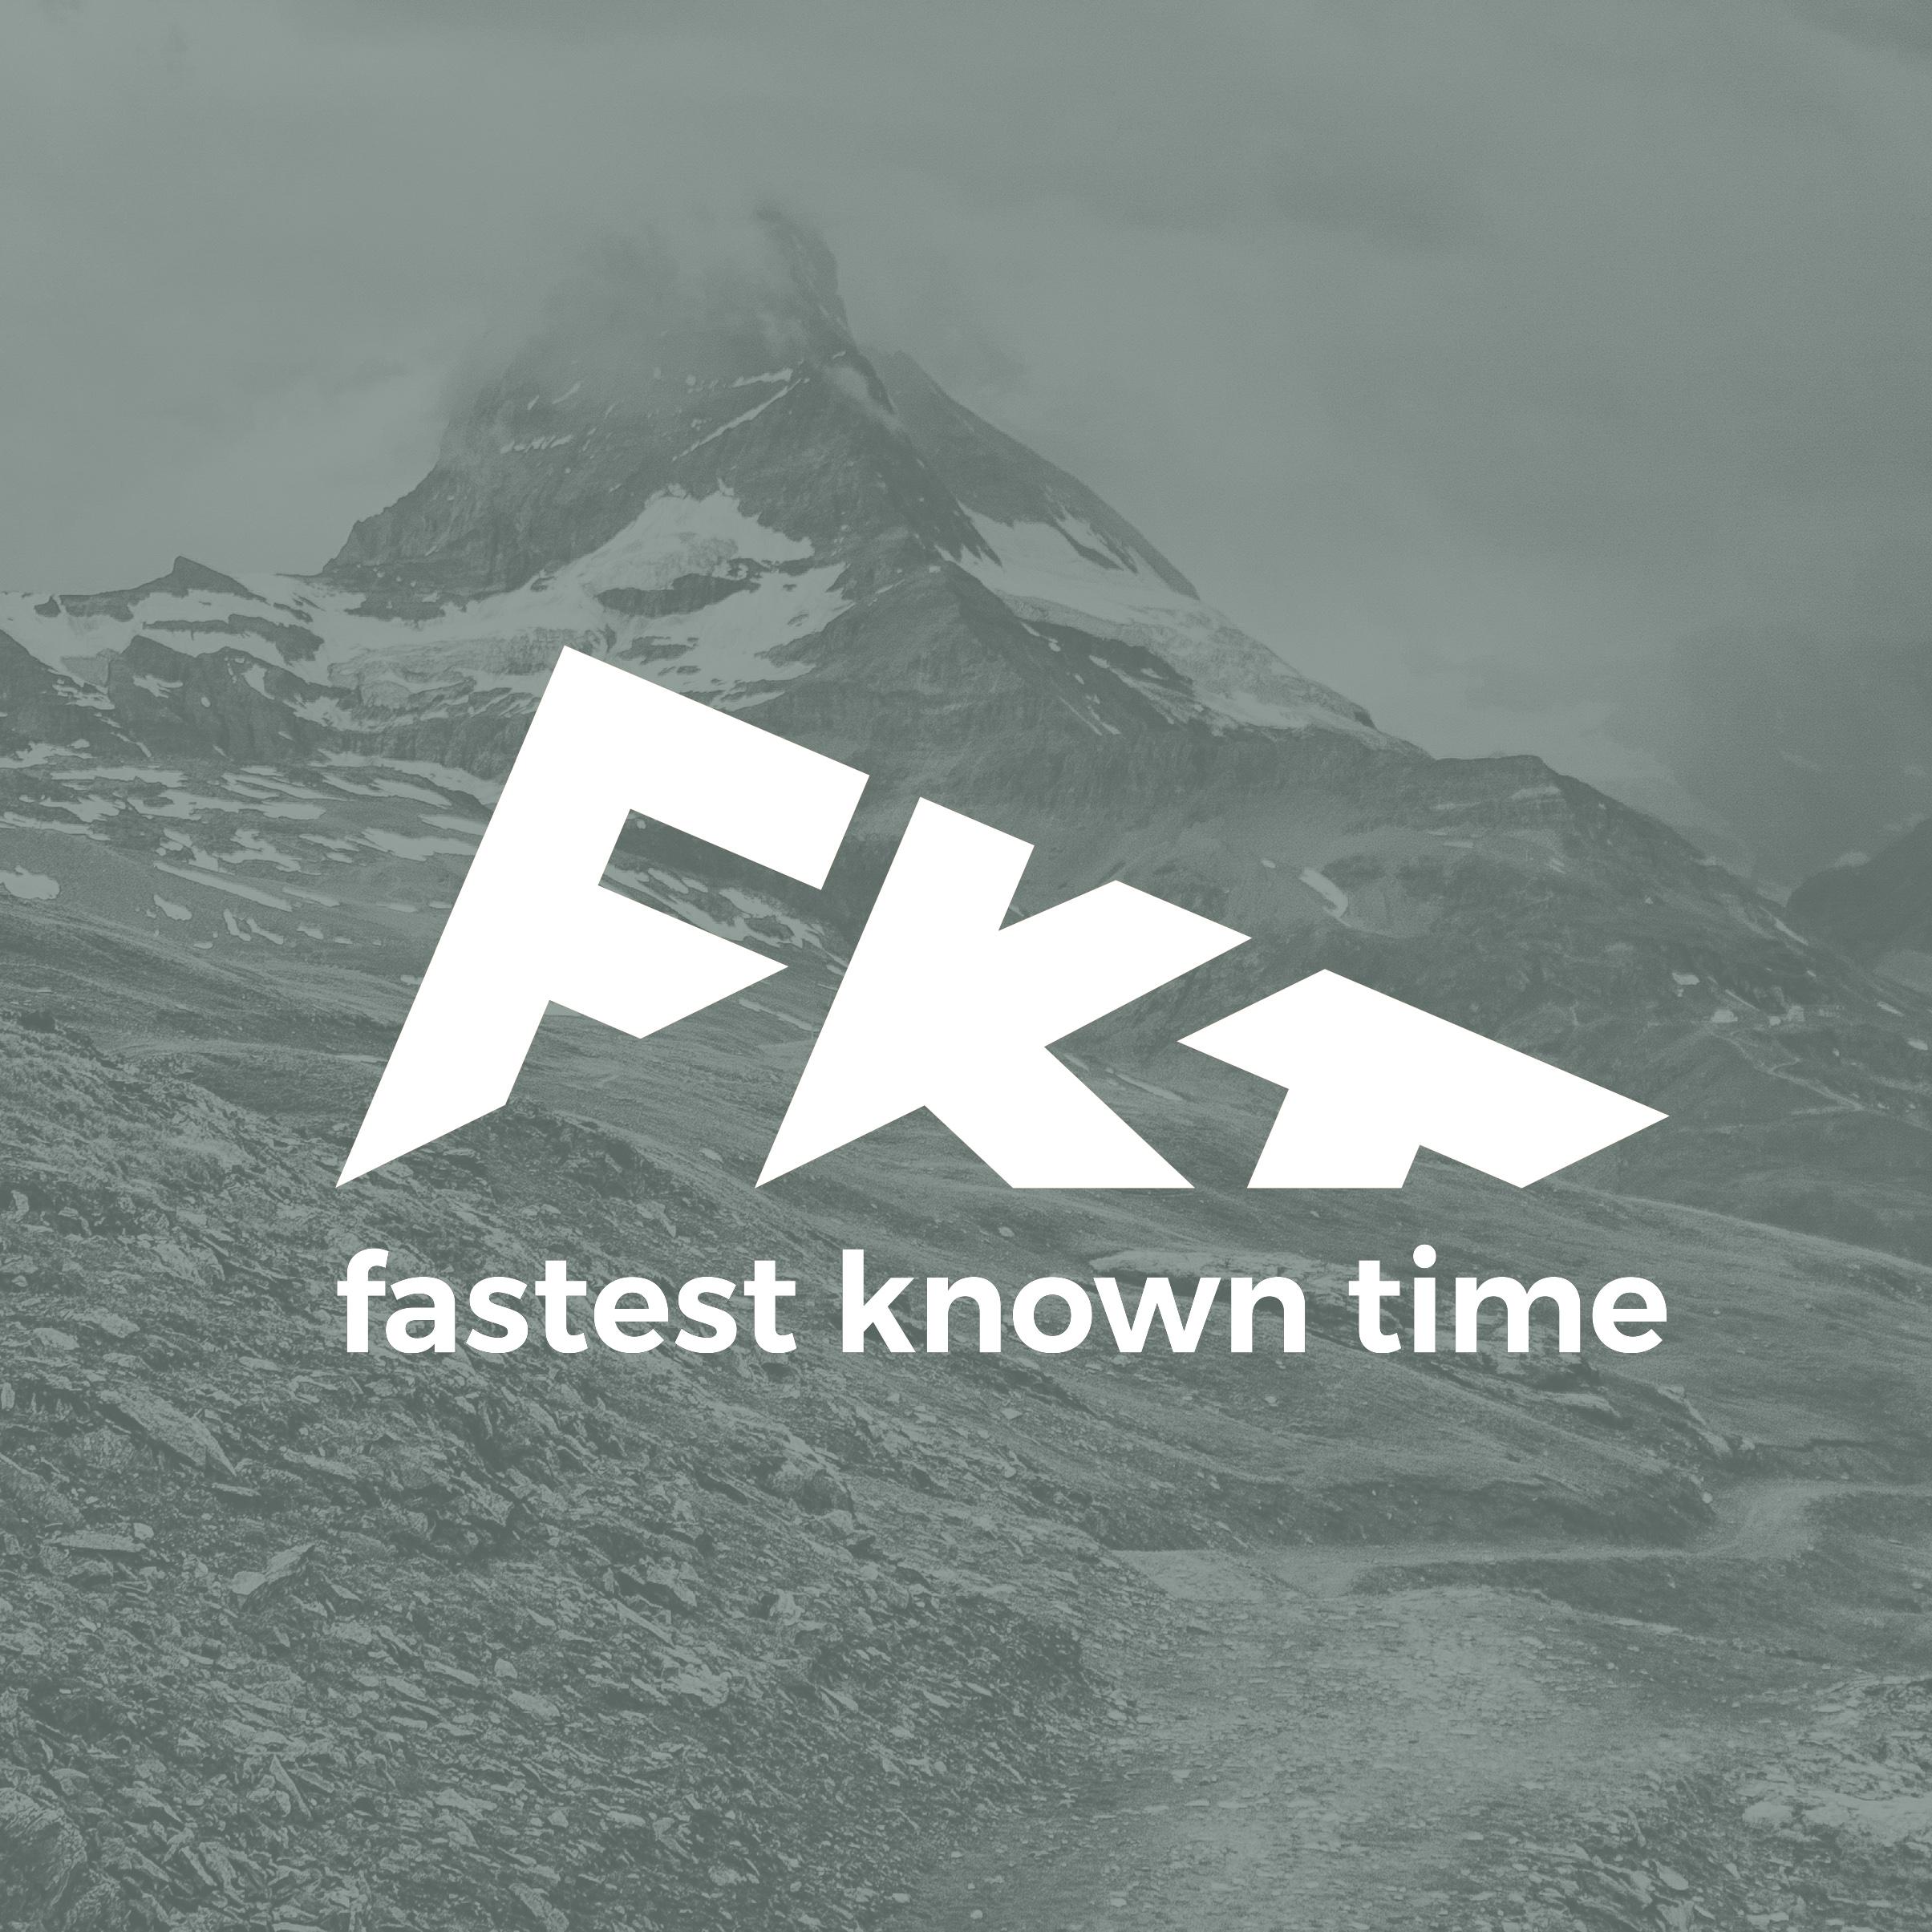 FKT-1